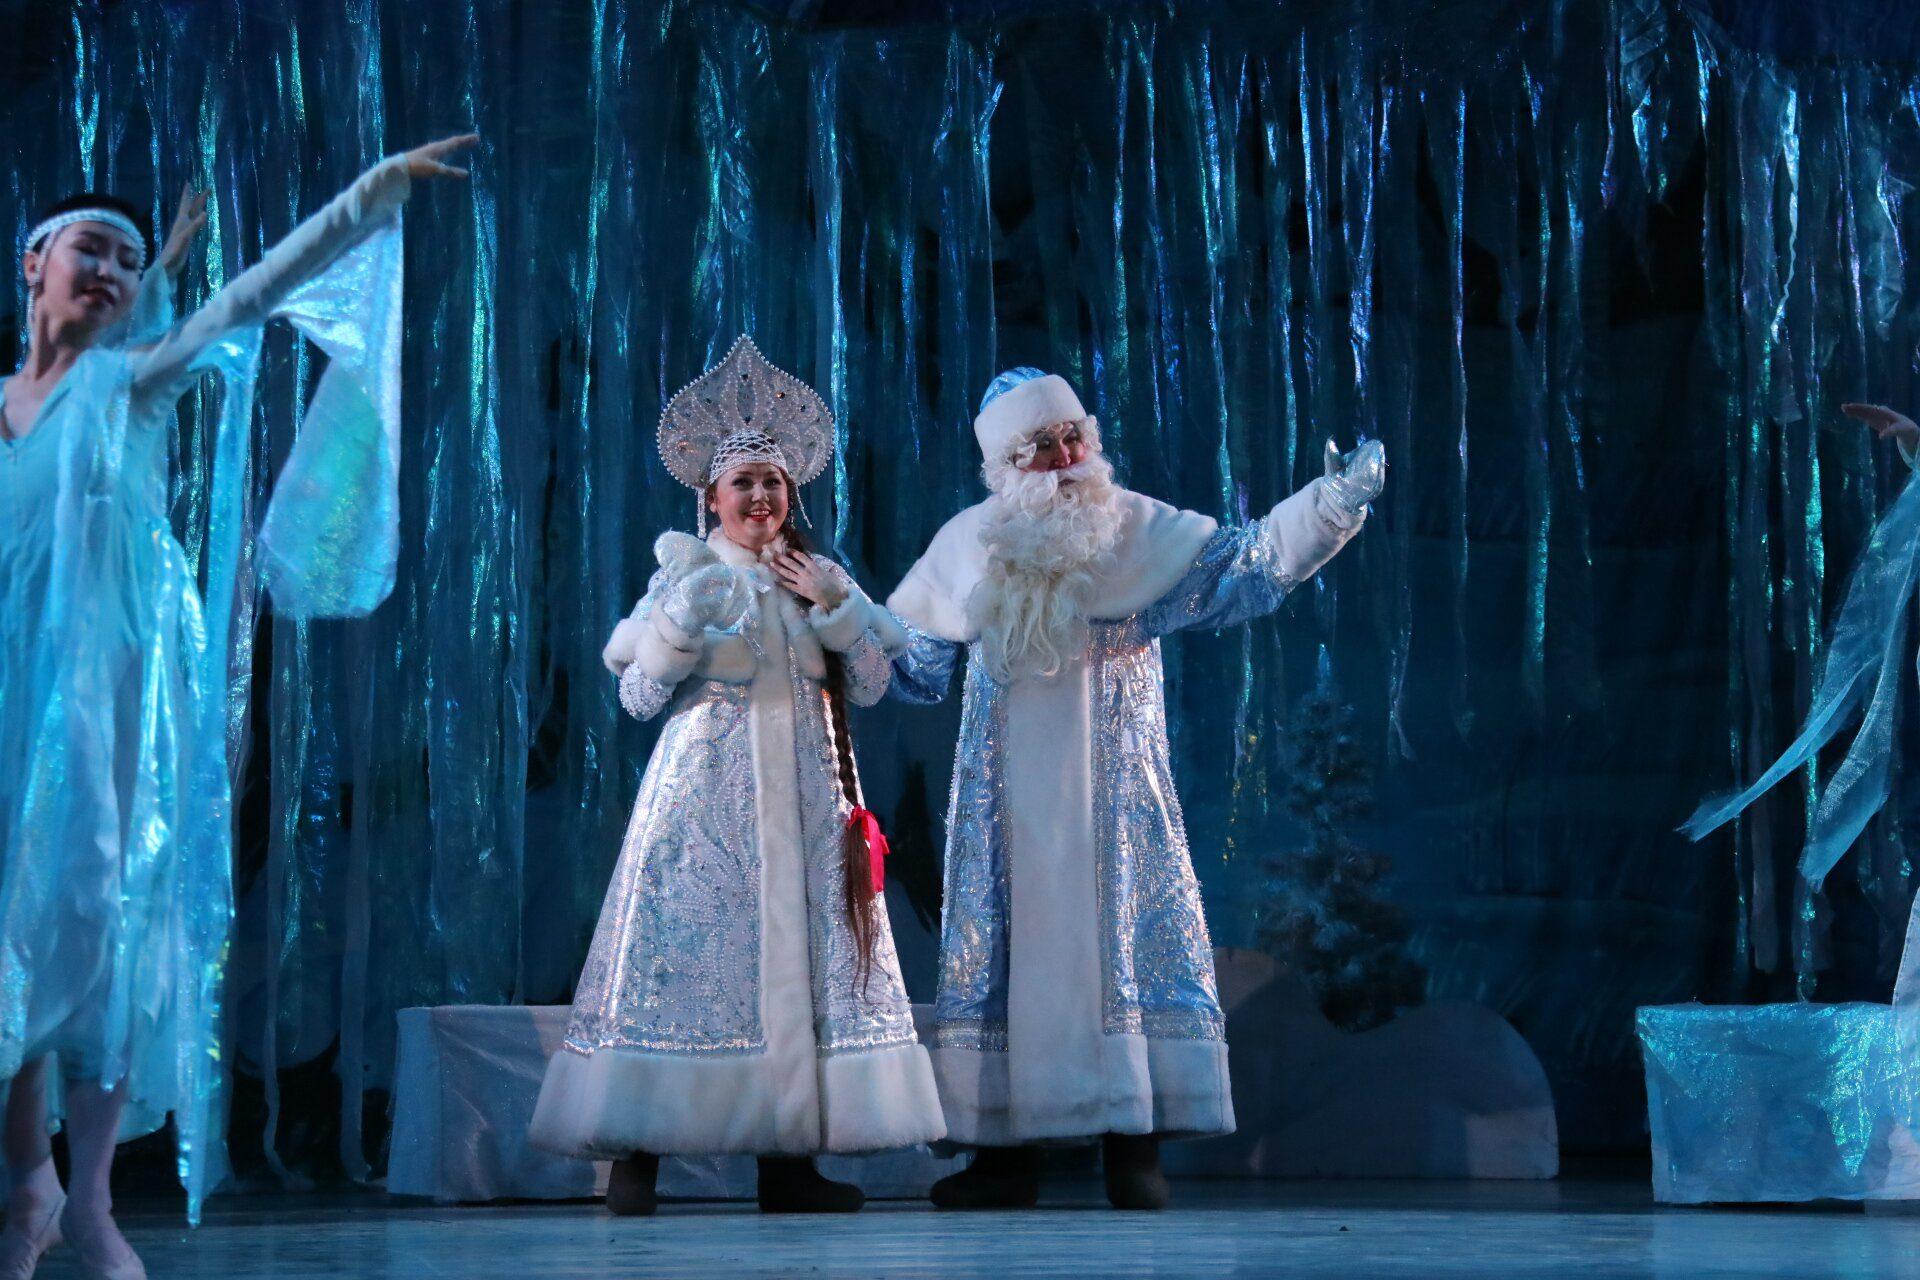 Театр оперы и балета представил детские спектакли